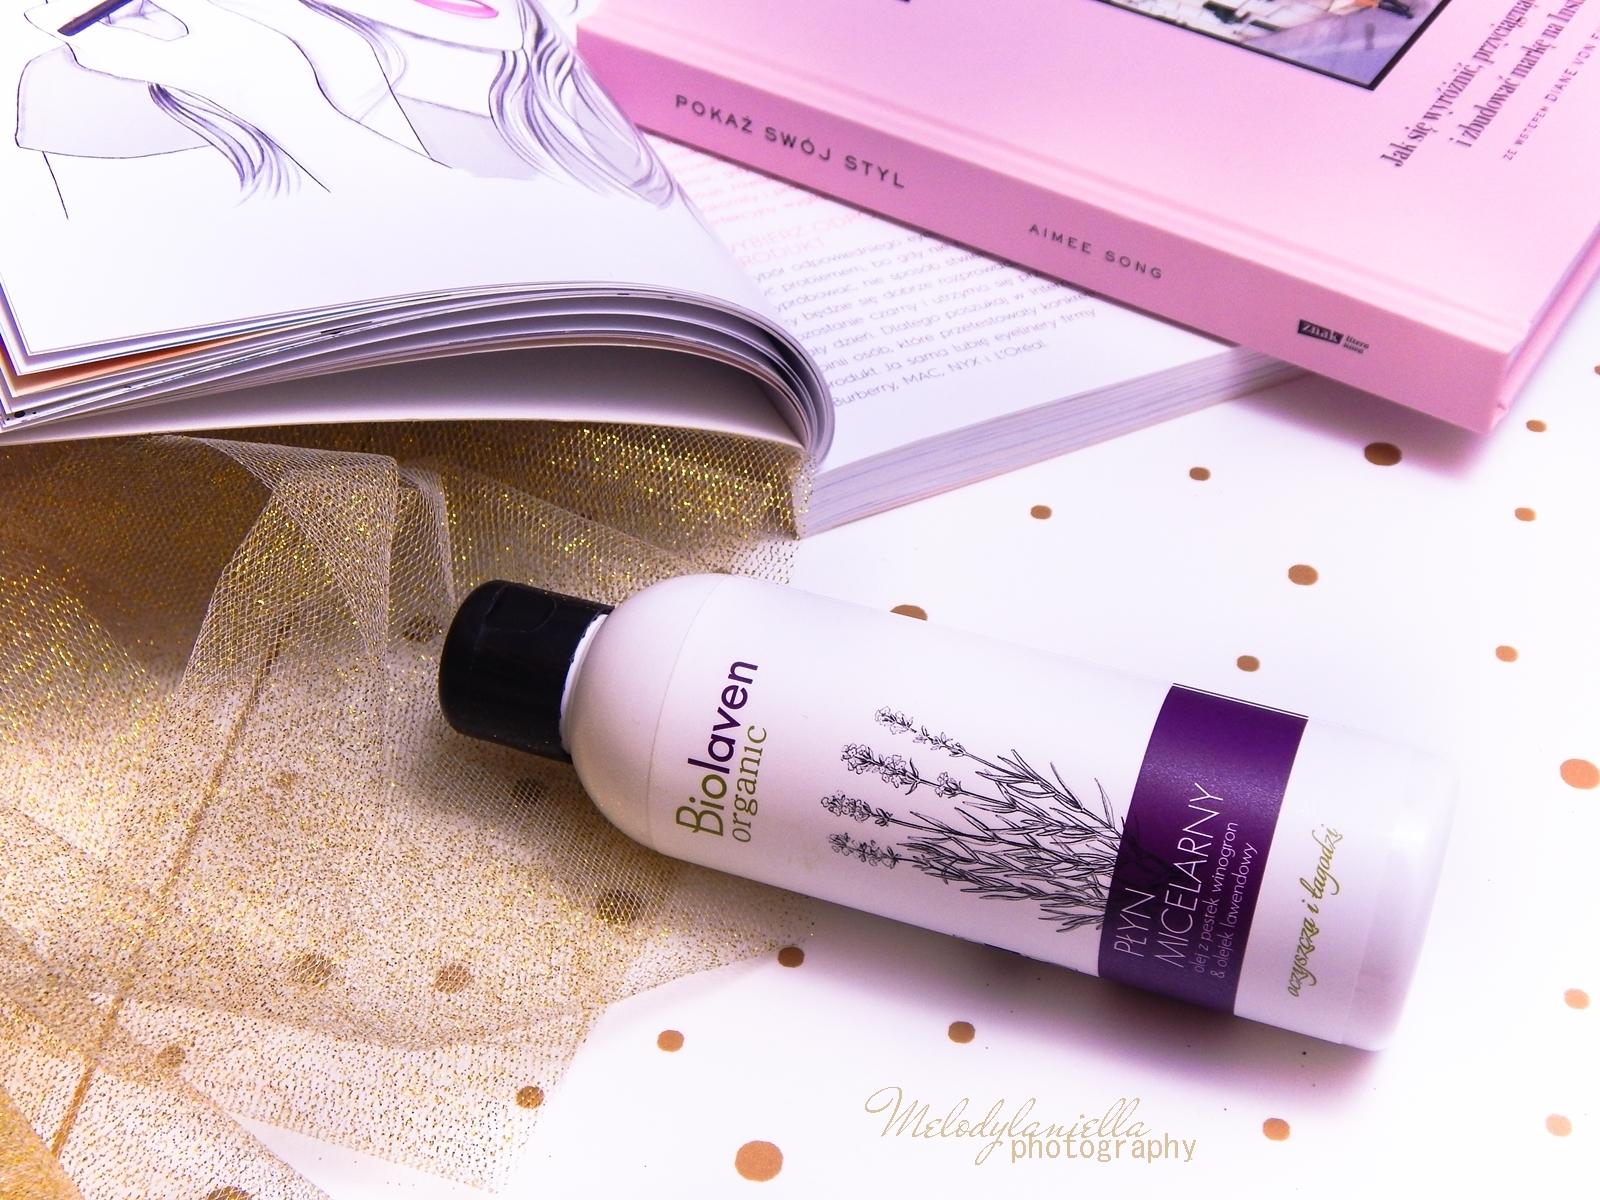 5 biolaven organic płyn micelarny olej z pestek winogron olejek lawendowy kosmetyki do demakijażu test płynu micelarnego melodylaniella twój styl 2015 recenzja kosmetyków lifestyle blogger polskie blogerki